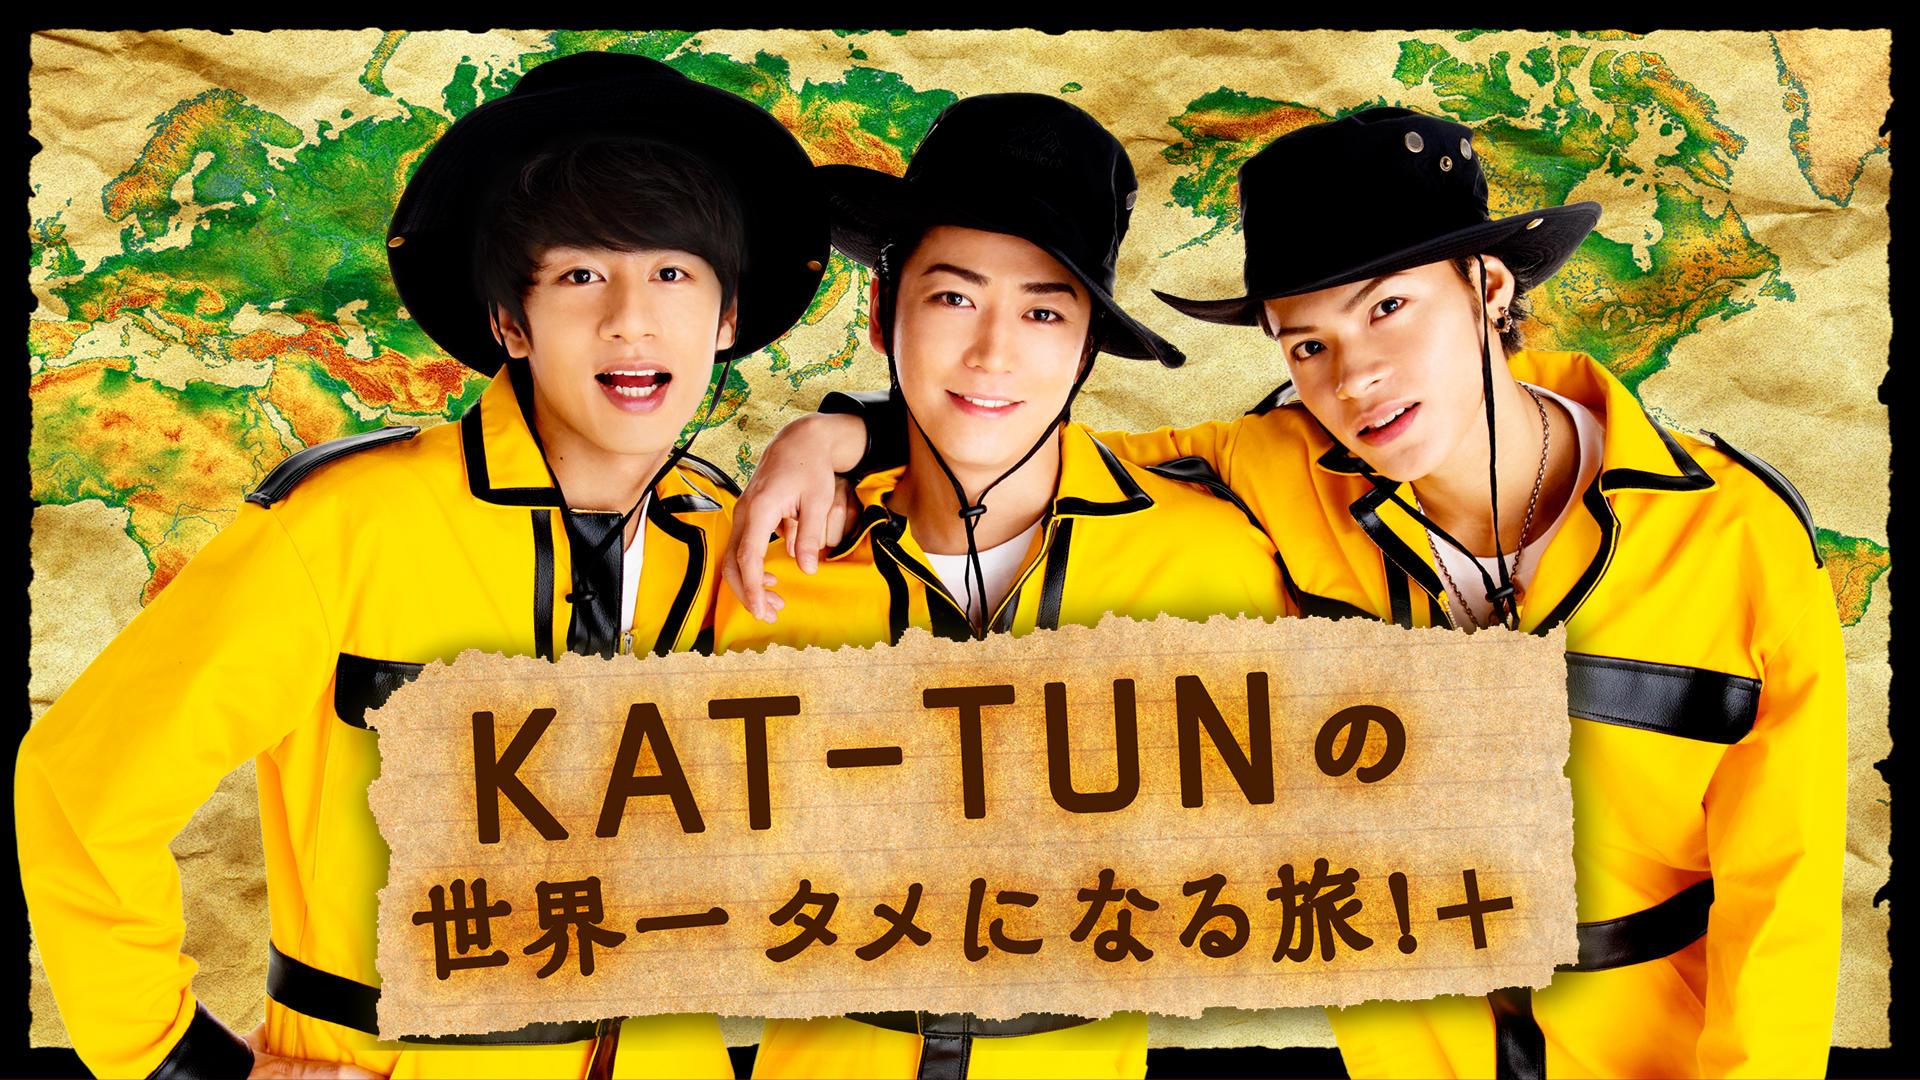 『タメ旅+』第9回はKAT-TUNが沖縄でマグロ釣りリベンジ!最新アルバム曲もPV風にお届け